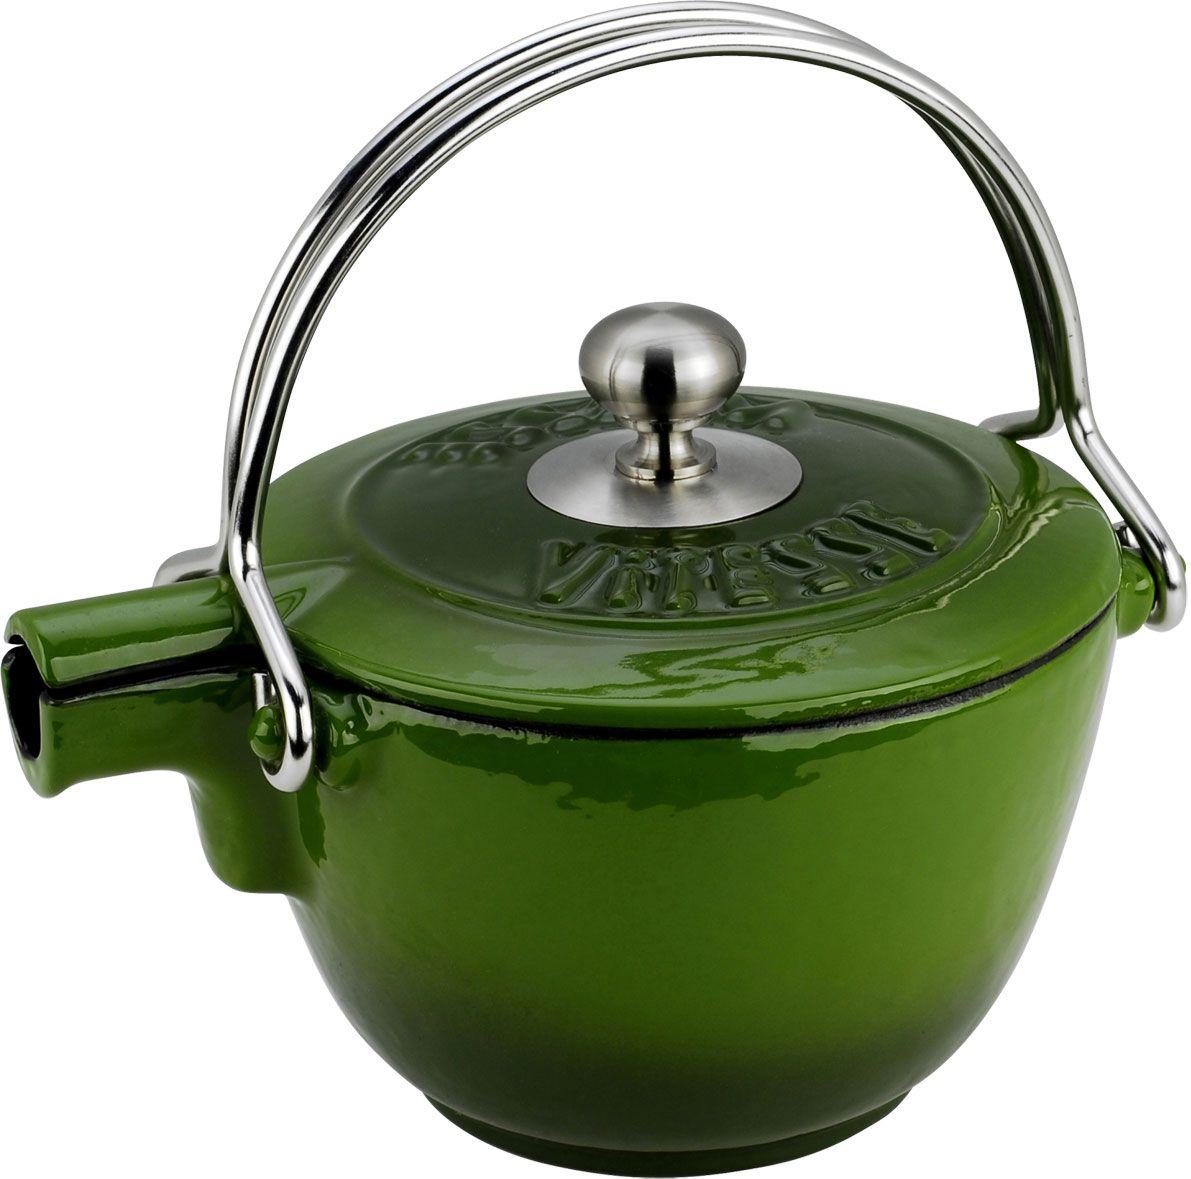 Чайник заварочный Vitesse Ferro, с ситечком, цвет: зеленый, 1,15 л115510Заварочный чайник Vitesse Ferro изготовлен из чугуна с эмалированной внутренней и внешней поверхностью. Эмалированный чугун - это железо, на которое наложено прочное стекловидное эмалевое покрытие. Такая посуда отлично подходит для приготовления традиционной здоровой пищи. Чугун является наилучшим материалом, который долго удерживает и равномерно распределяет тепло. Благодаря особым качествам эмали, чем дольше вы используете посуду, тем лучше становятся ее эксплуатационные характеристики. Чугун обладает высокой прочностью, износоустойчивостью и антикоррозийными свойствами. Чайник оснащен двумя металлическими ручками и крышкой. Металлическое ситечко на цепочке с крючком - в комплекте. Можно готовить на газовых, электрических, стеклокерамических, галогенных, индукционных плитах. Подходит для мытья в посудомоечной машине.Высота чайника (без учета ручки и крышки): 10,5 см. Диаметр чайника (по верхнему краю): 15,5 см. Диаметр ситечка: 6 см.